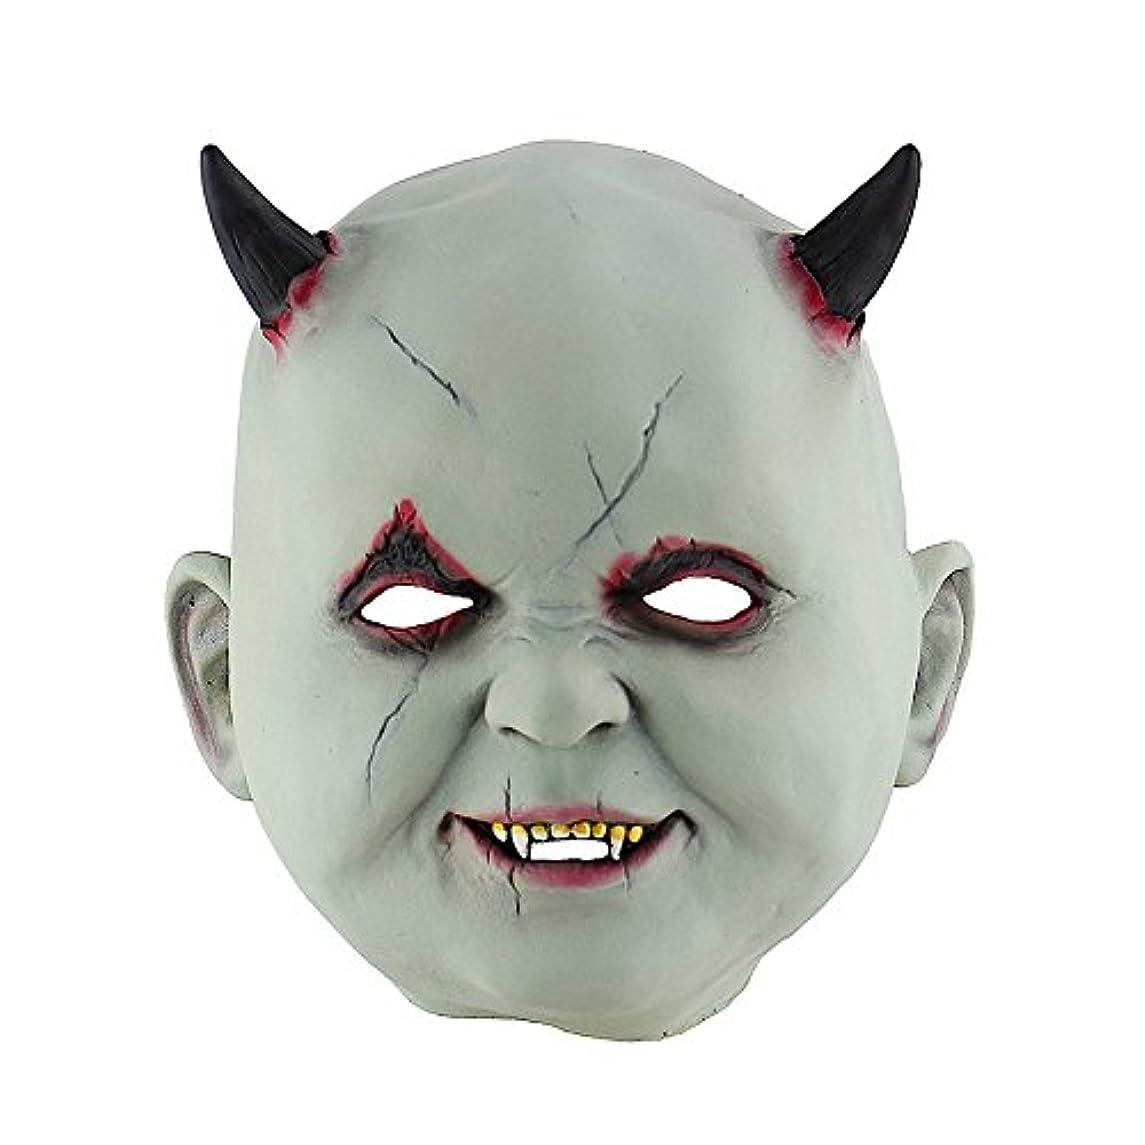 懐疑論復活動揺させるハロウィンマスクホラーゾンビお化け屋敷は小道具のヘッドギア悪魔ヴァンパイアマスクをドレスアップ